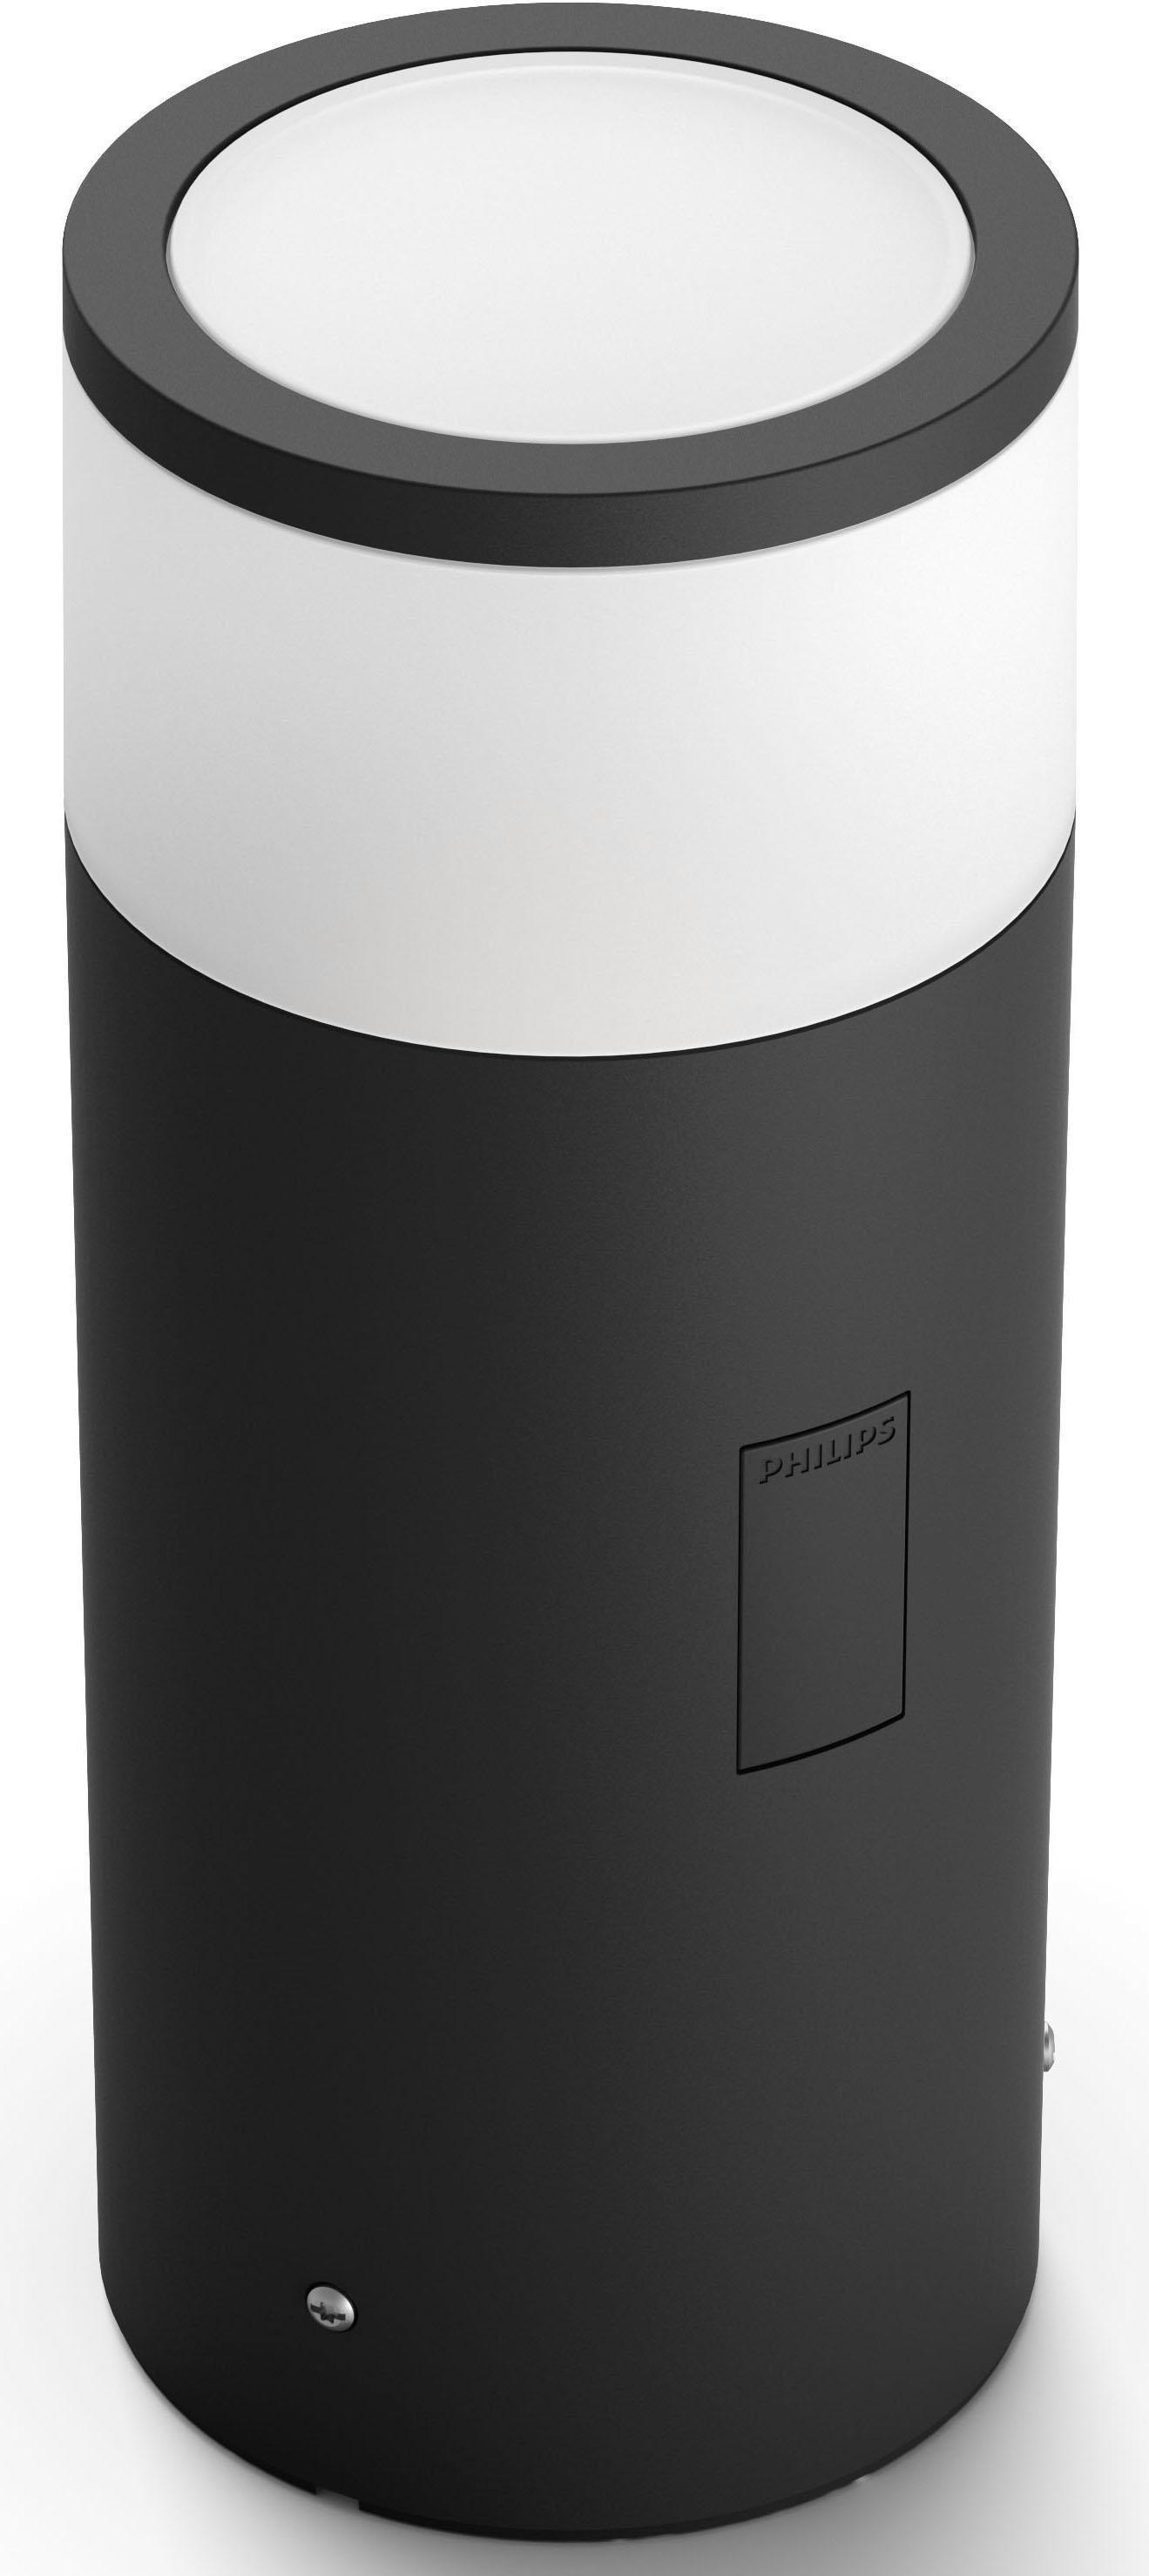 LED Sockelleuchte »Calla«, 1-flammig, Erweiterung - smartes LED-Lichtsystem mit App-Steuerung